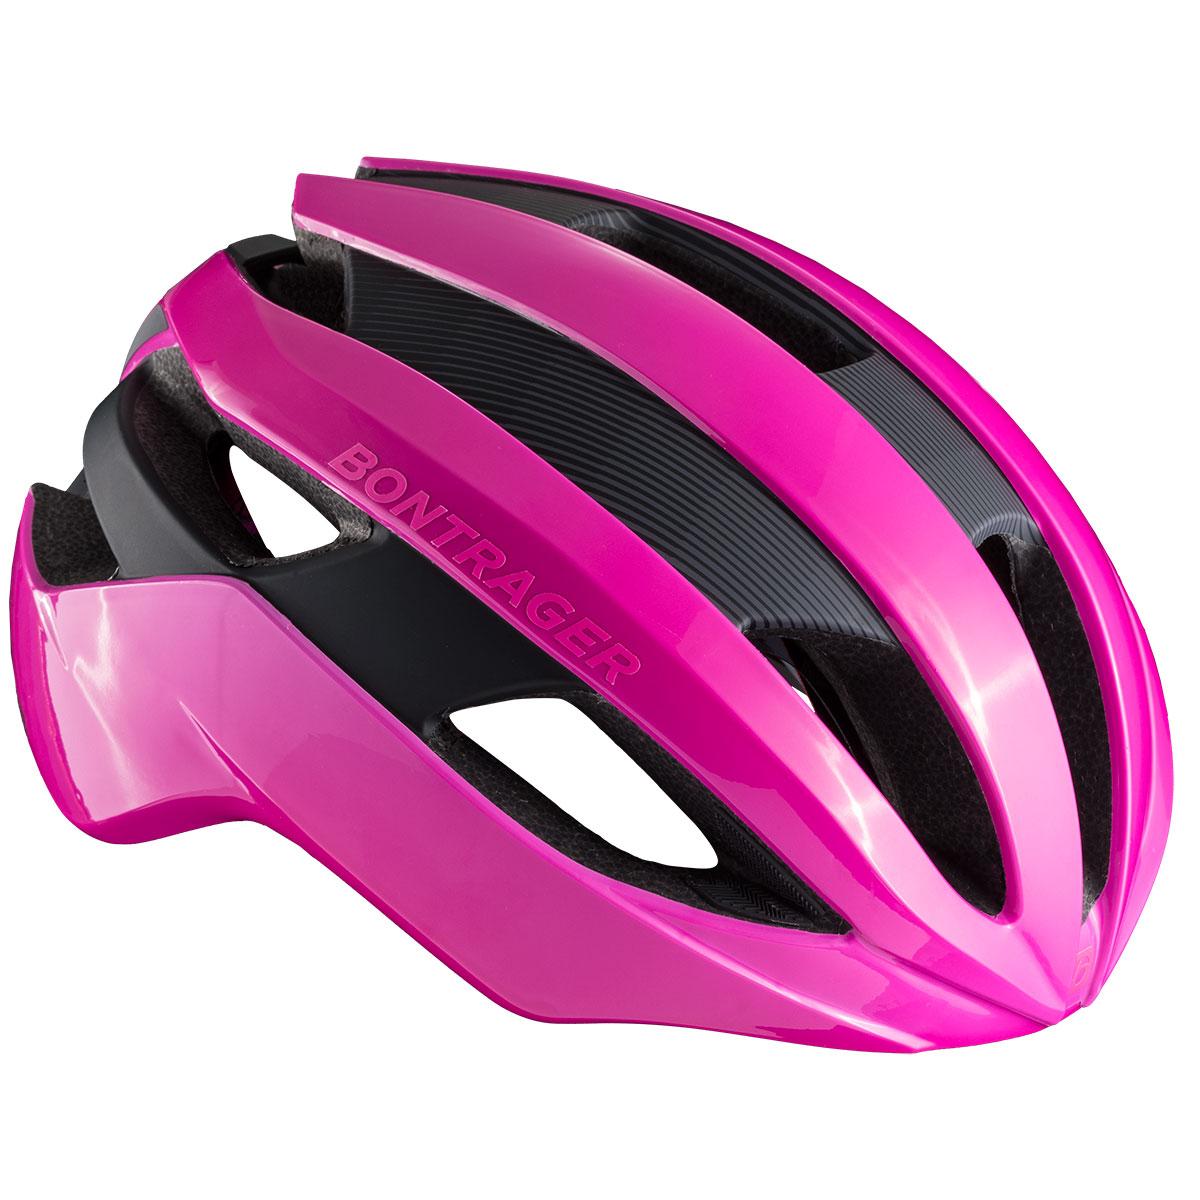 Bontrager Velocis Mips Helmet Capitol Cyclery Baton